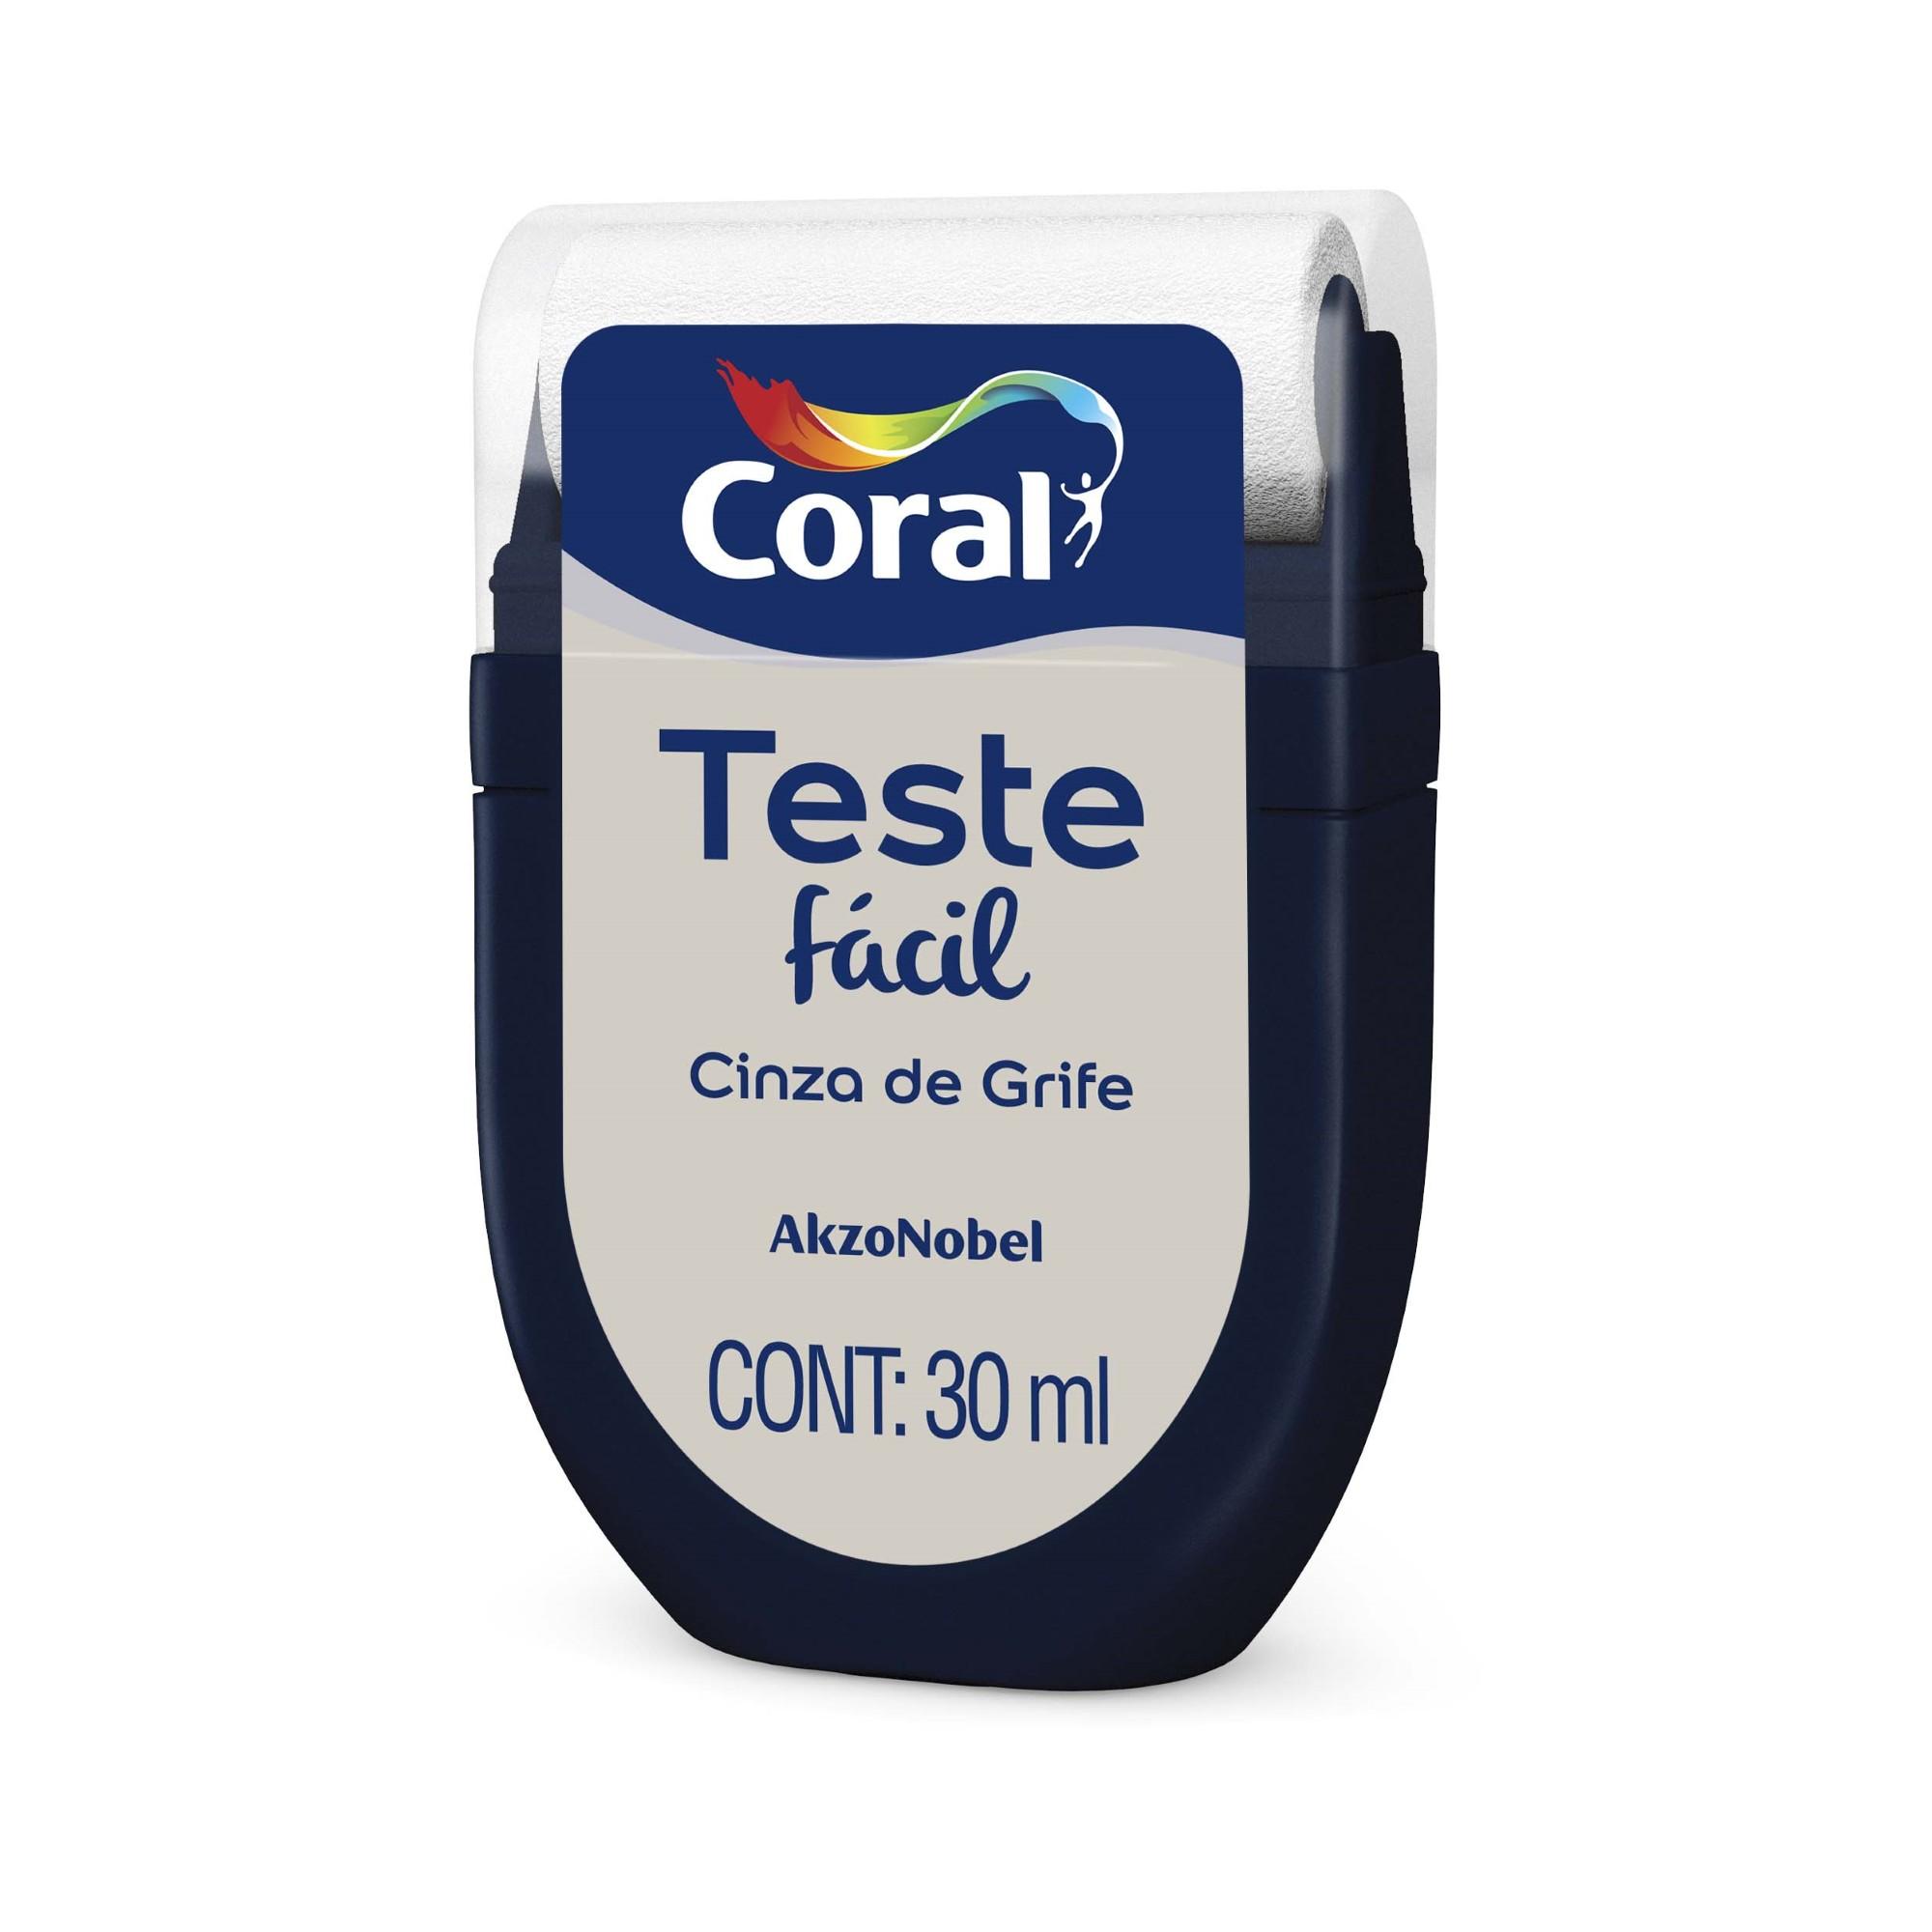 Teste Facil 30ml Cinza de Grife - Coral